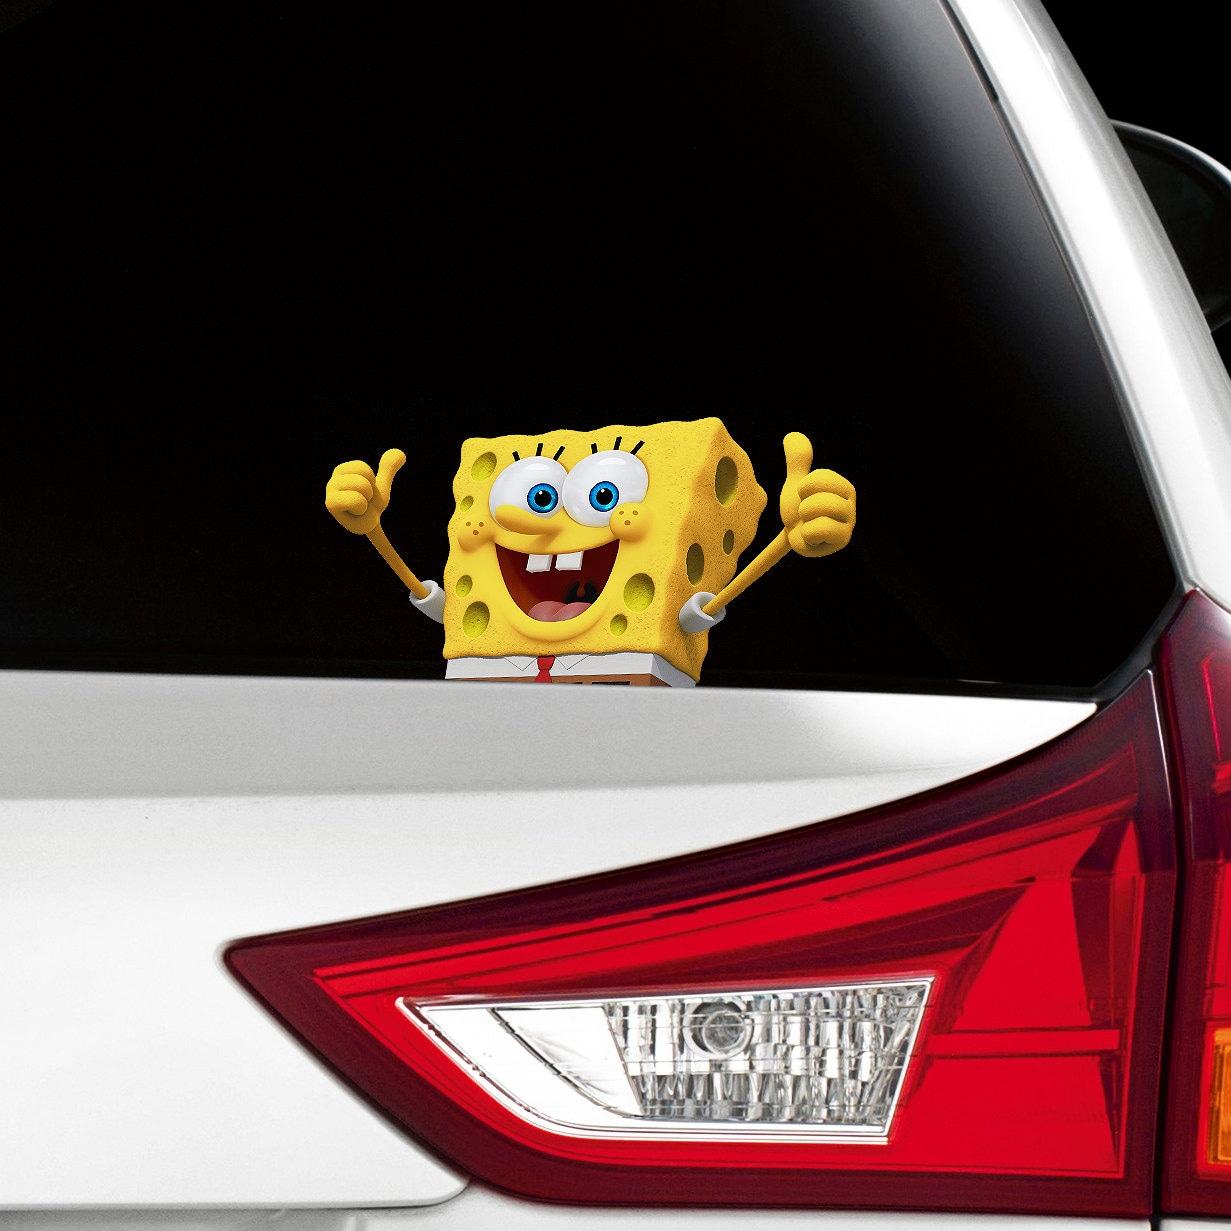 SpongeBob Peeking On Board Funny Joke Novelty Car Bumper - Spongebob decals for cars